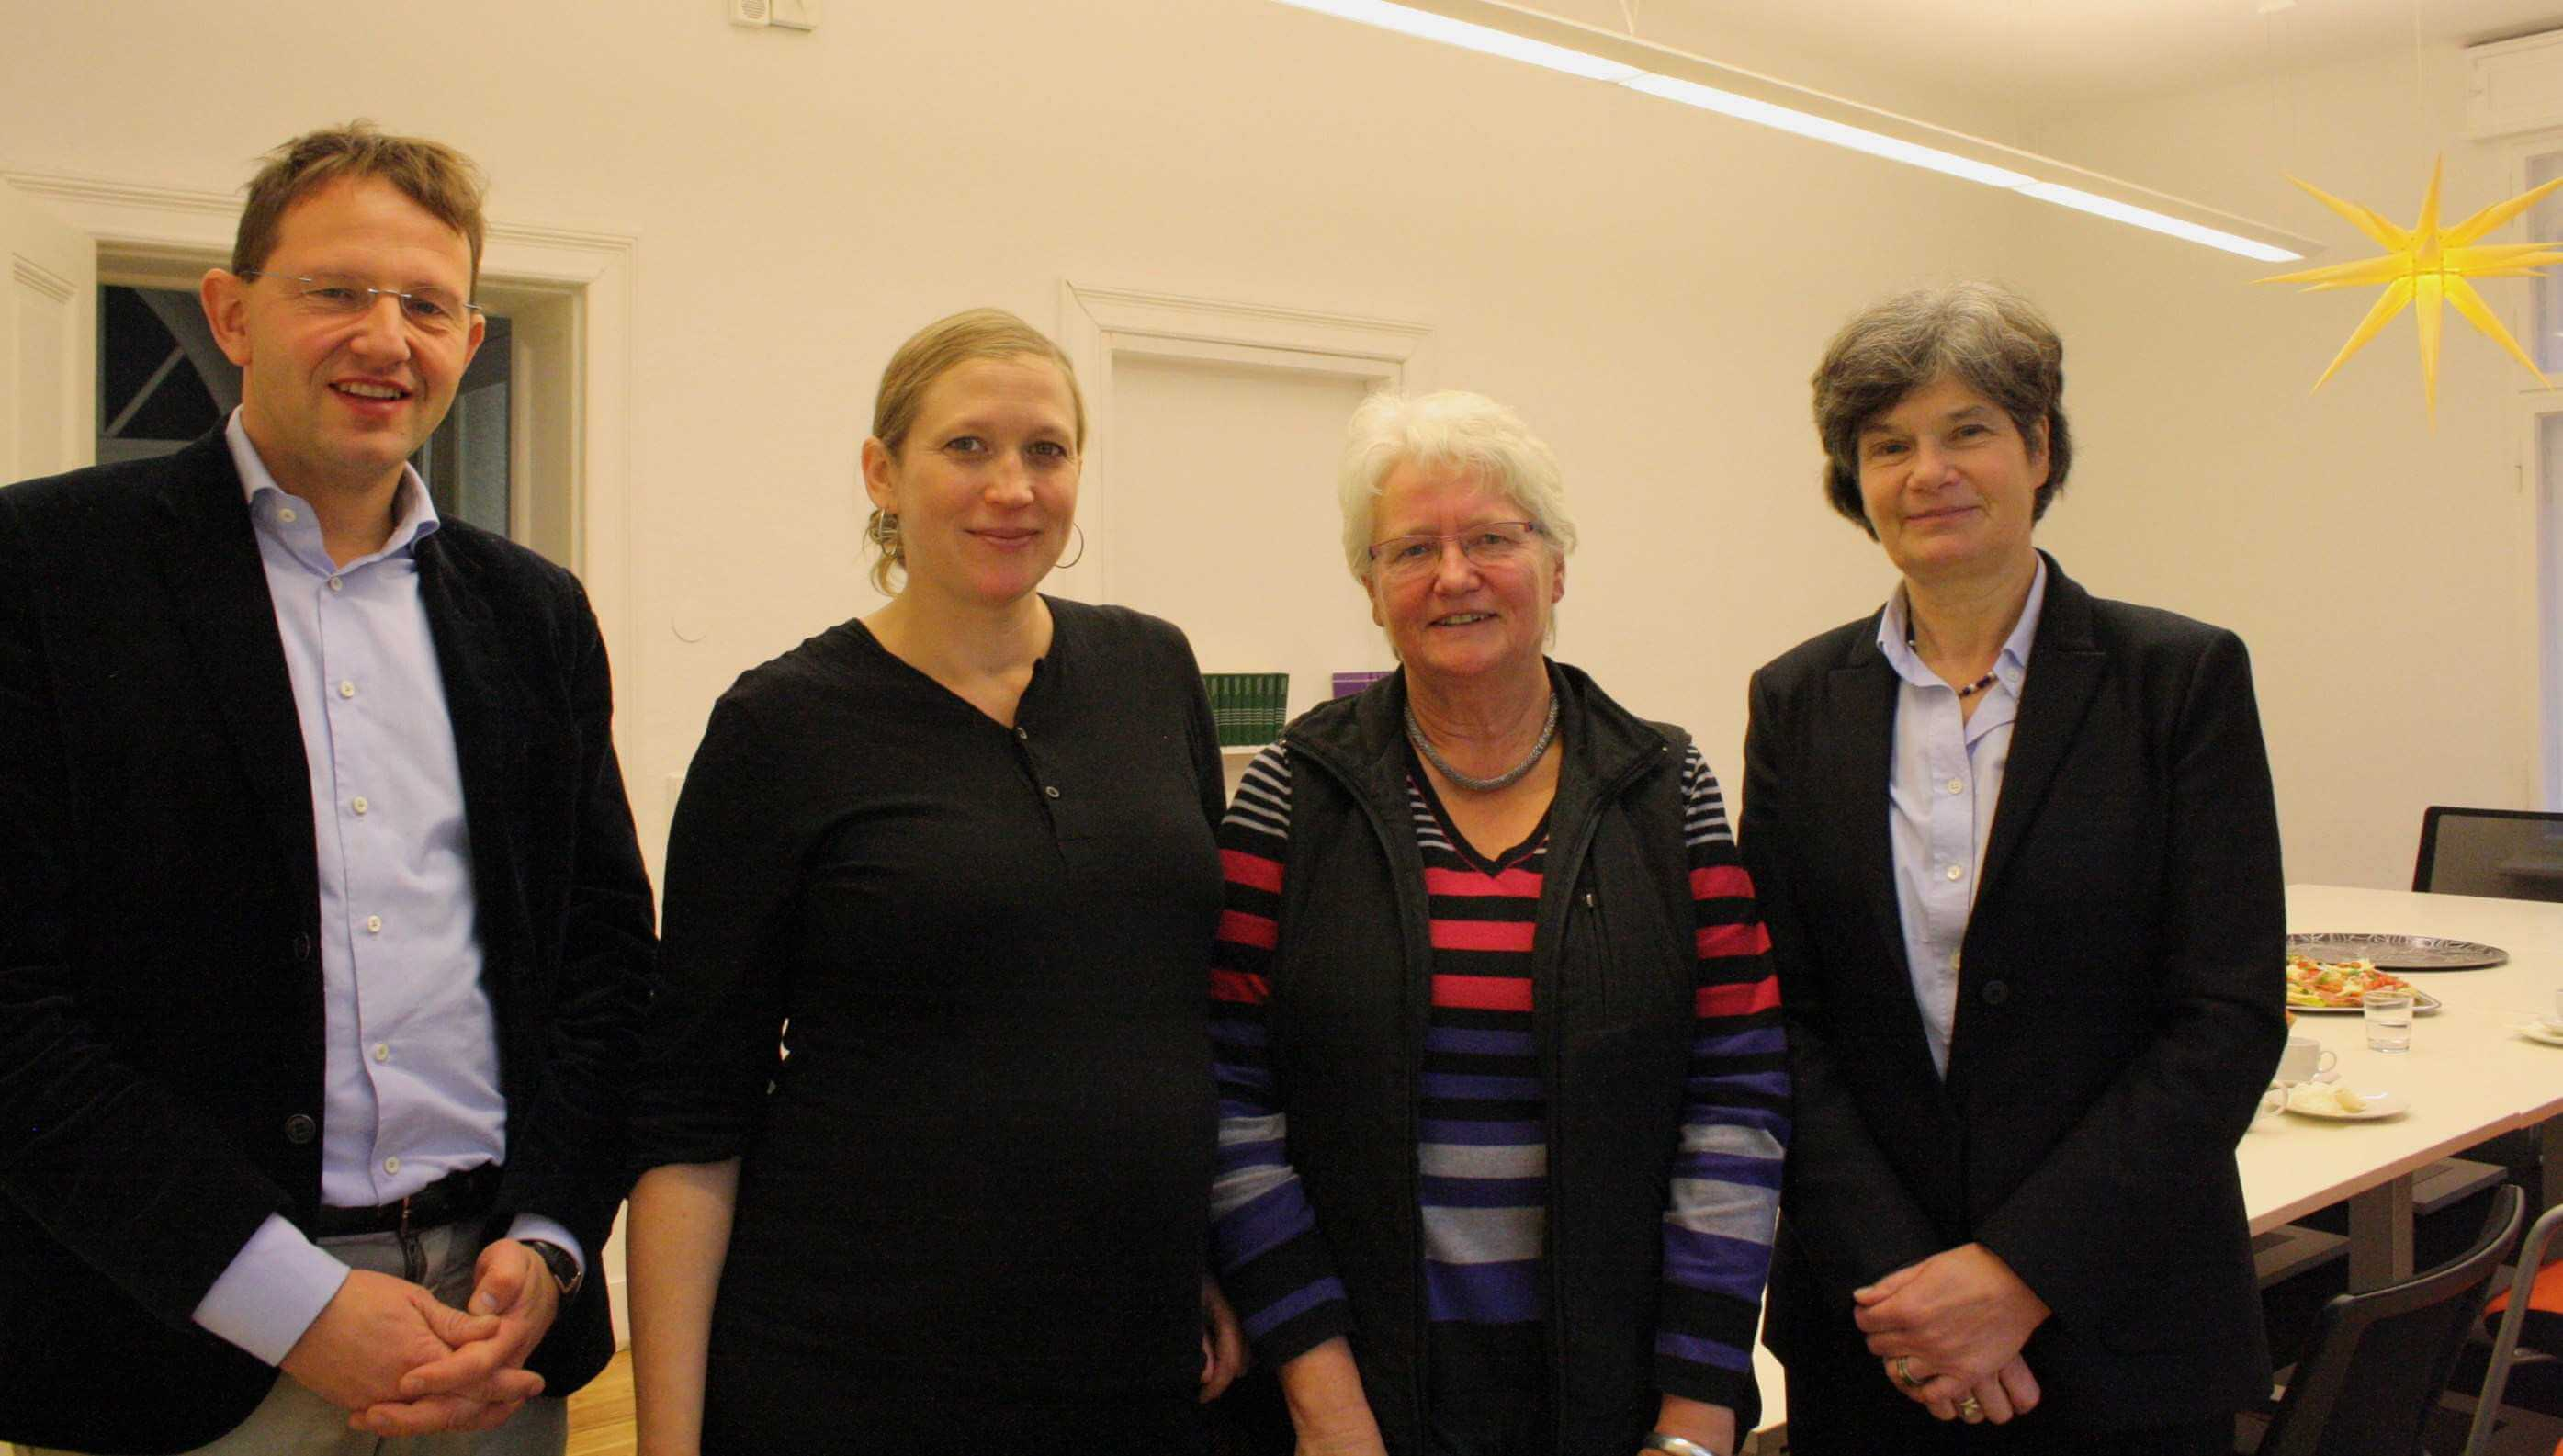 Aufruf zur Nächstenliebe: Kirchenkreis Teltow-Zehlendorf unterstützt Flüchtlinge in der Region